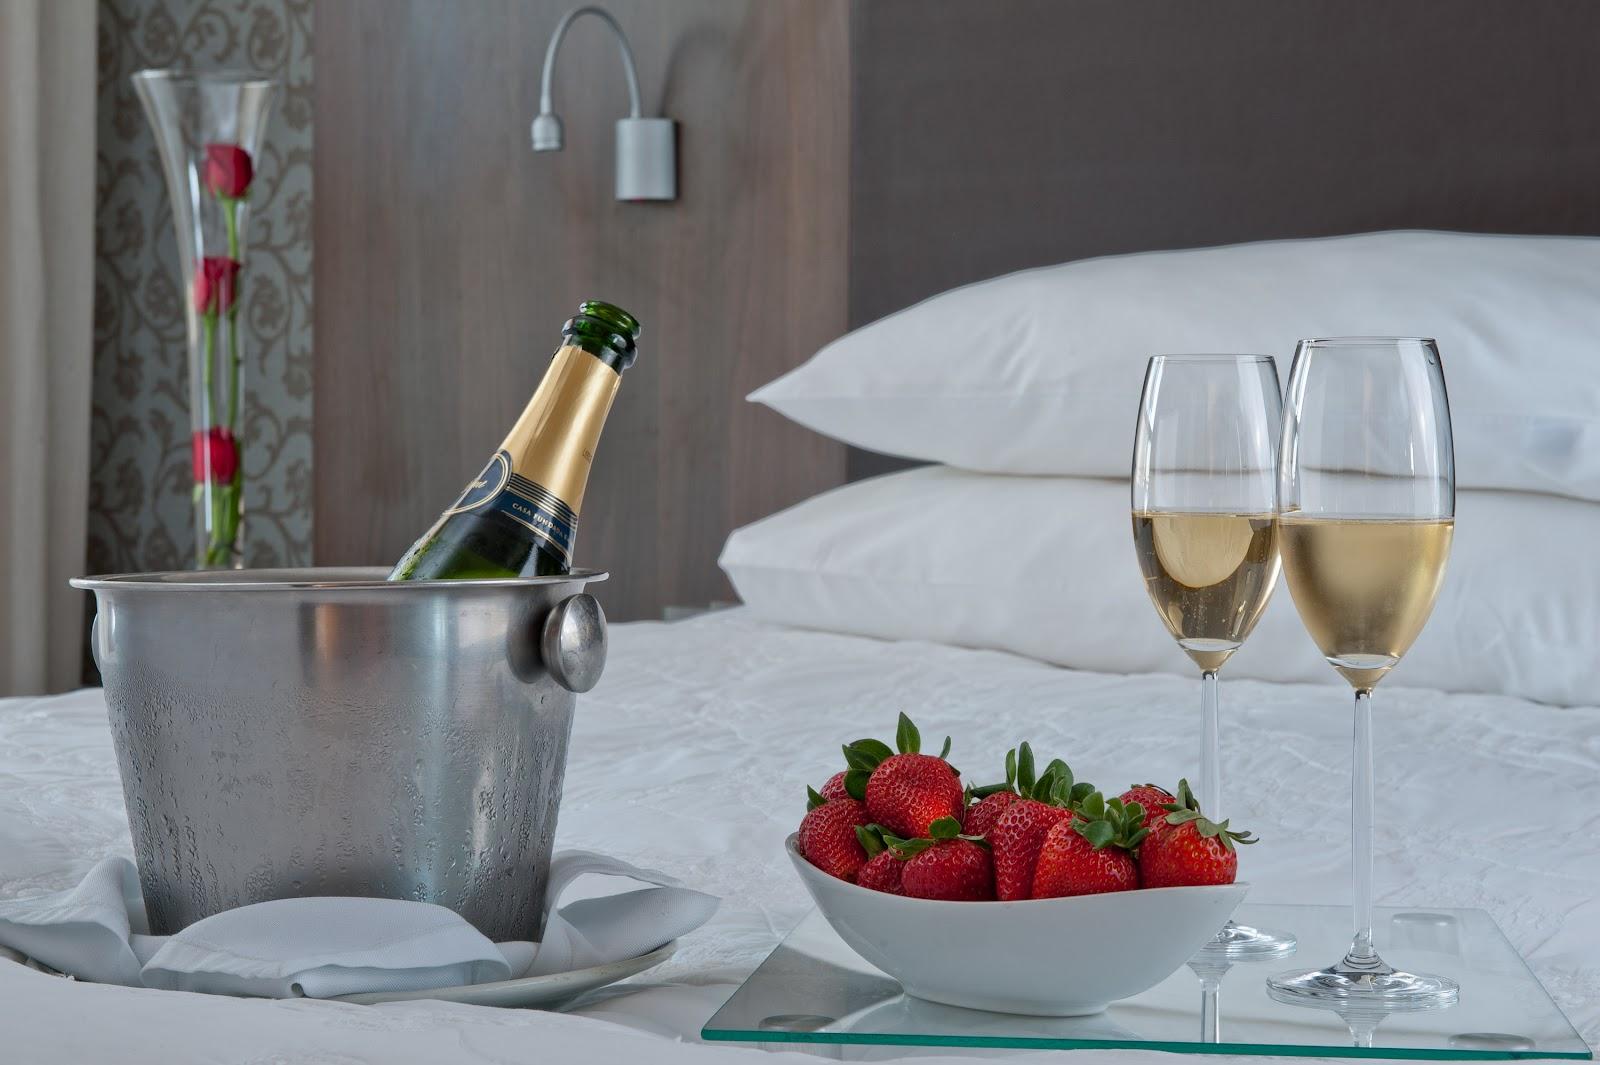 No Dia dos Namorados, momentos mais românticos no Hotel  ~ Surpresa Em Quarto De Hotel